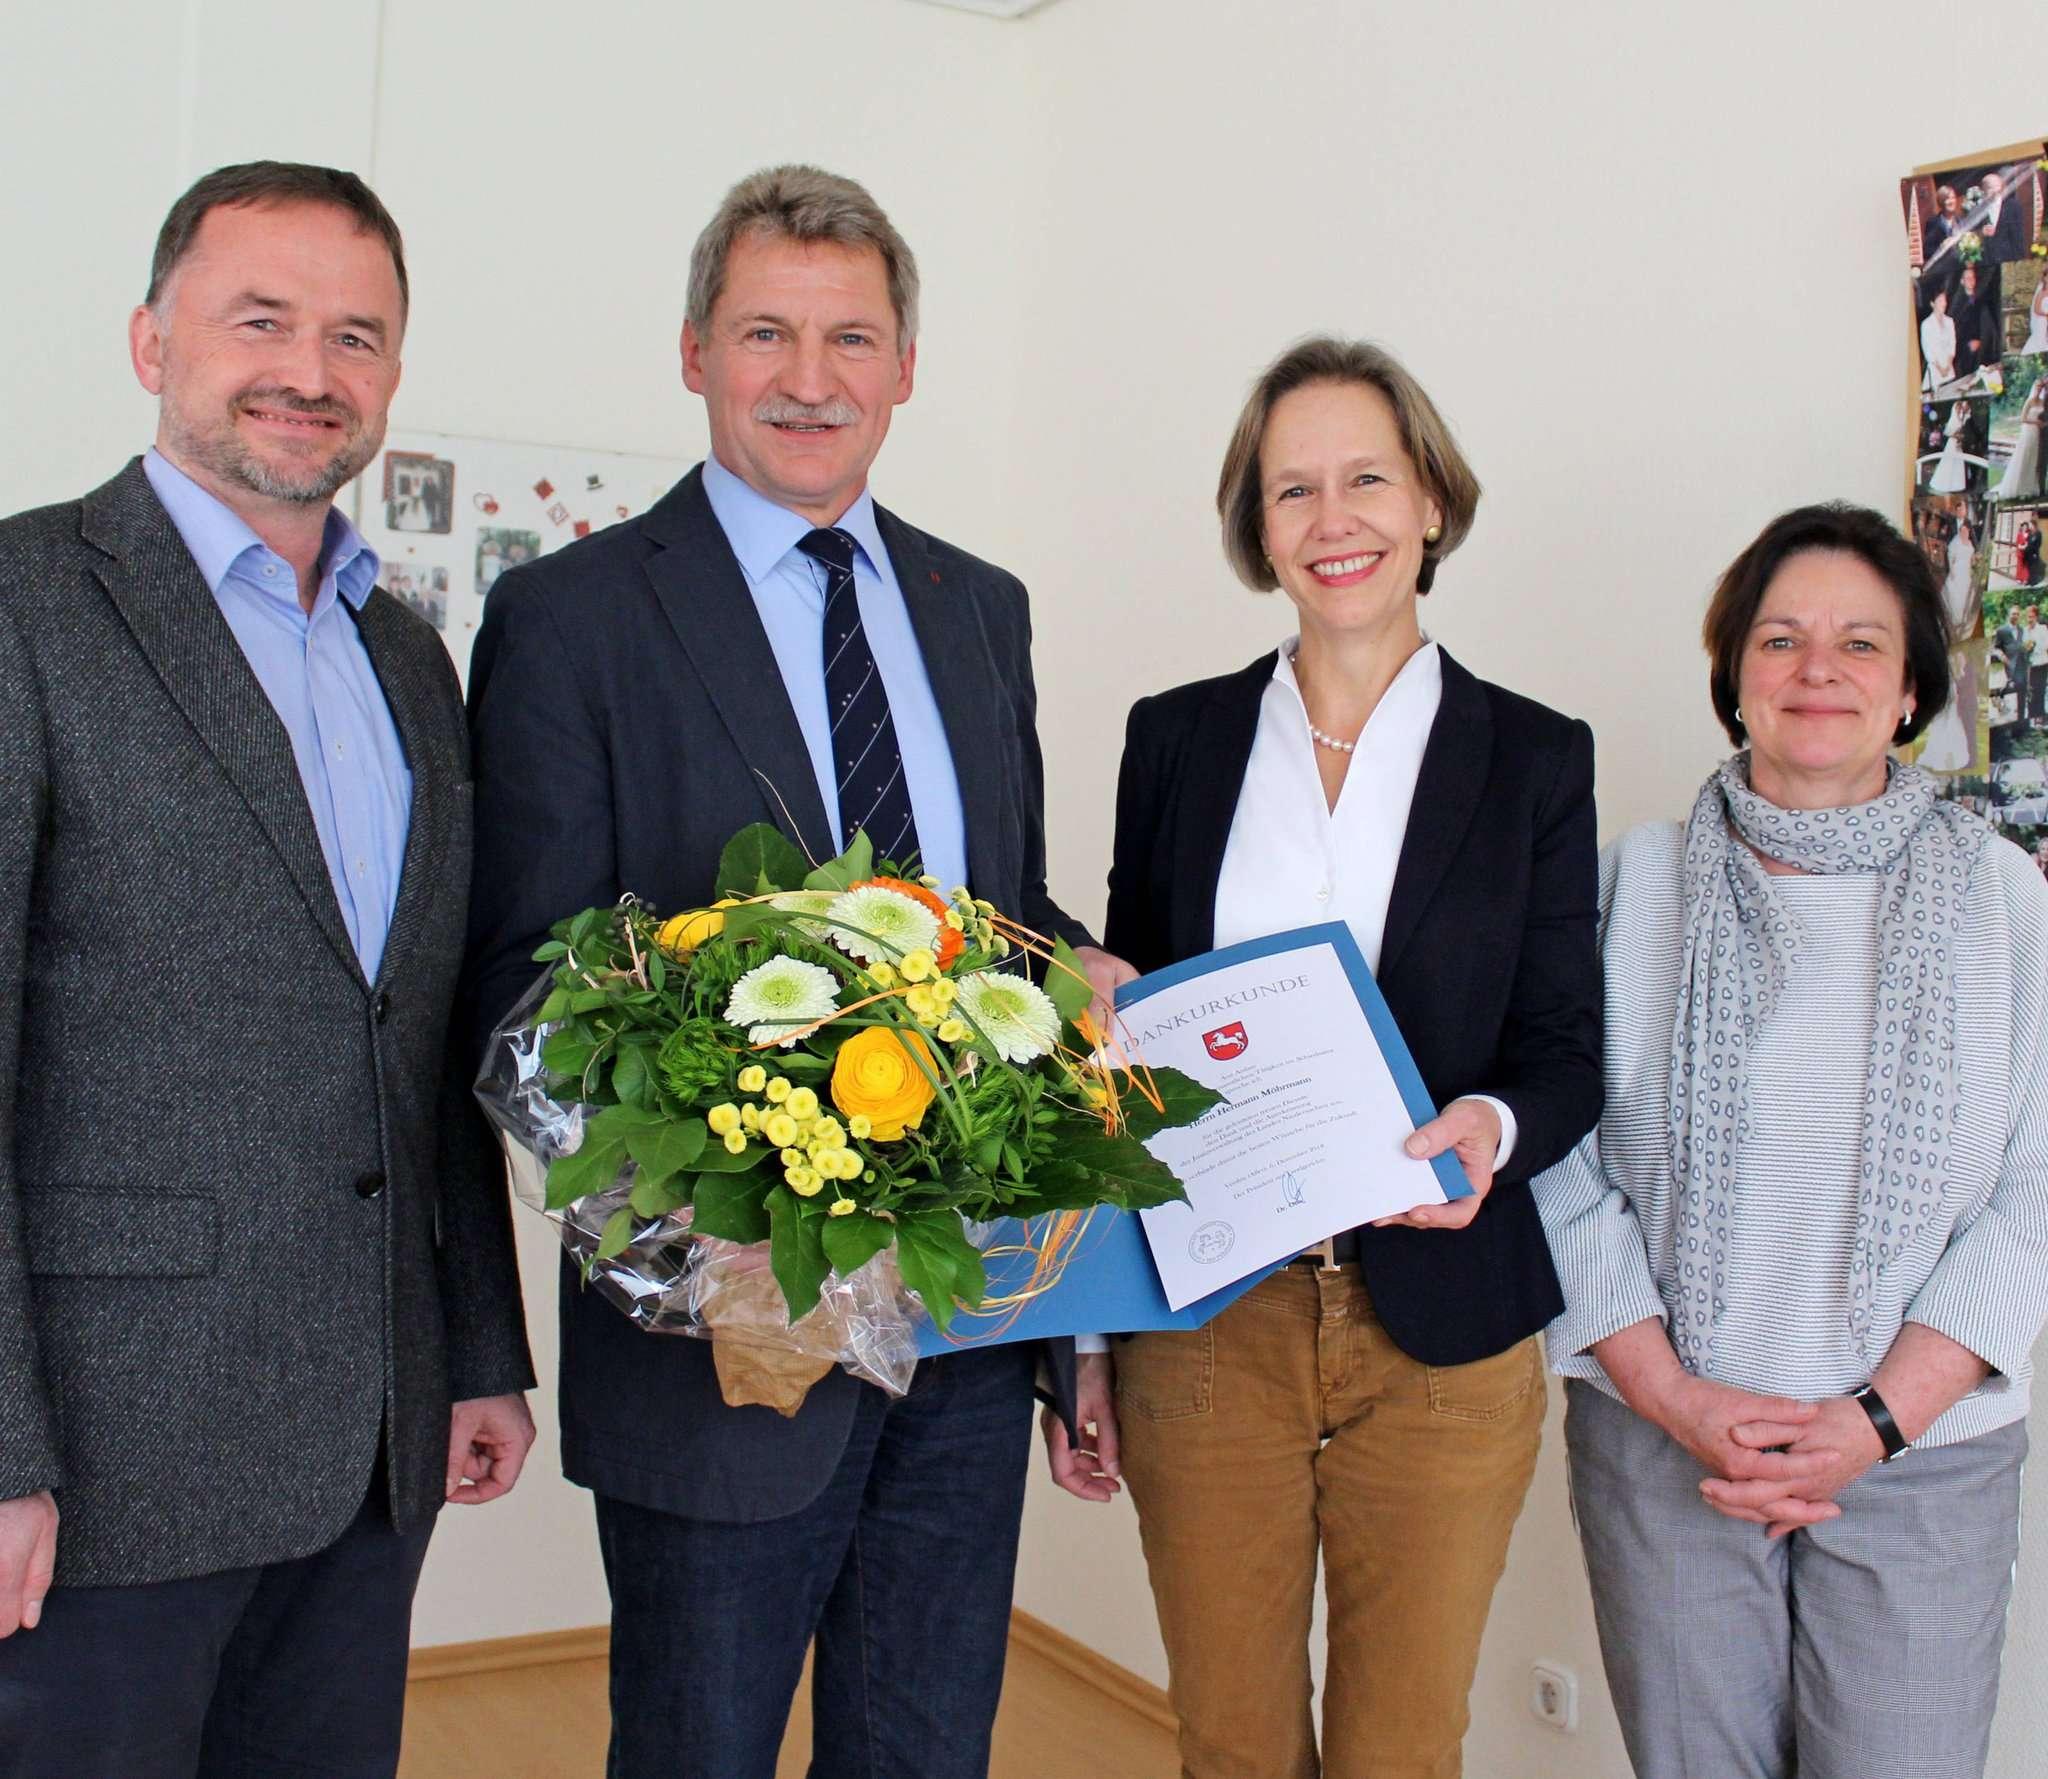 Samtgemeindebürgermeister Dirk Eberle (links), Maren von Frieling (rechts) und Clementine von Hahn gratulieren Hermann Möhrmann zu seinem Engagement. Foto: Ann-Christin Beims